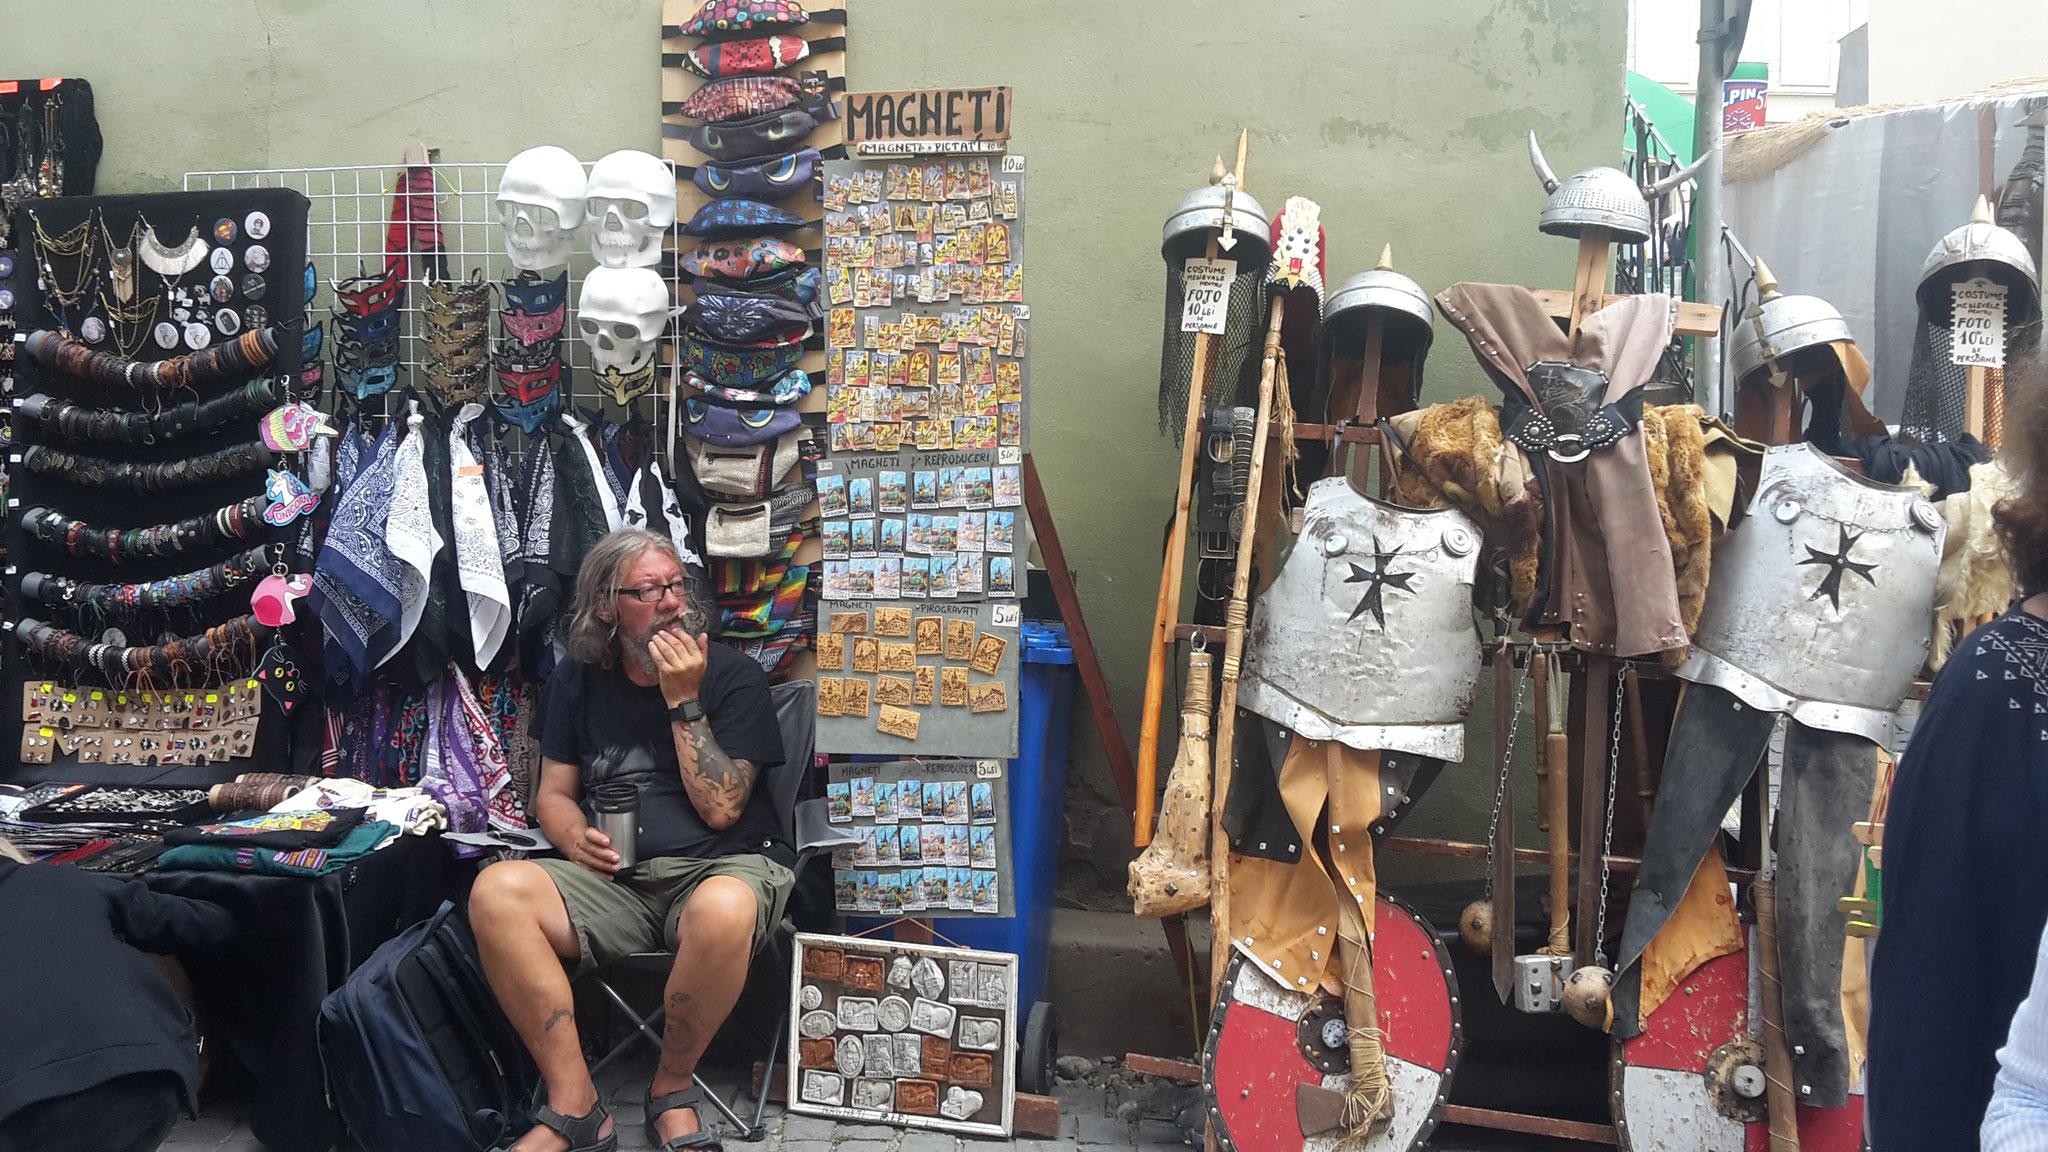 cosas para vender y para disfrazarse (y hacerse una foto)